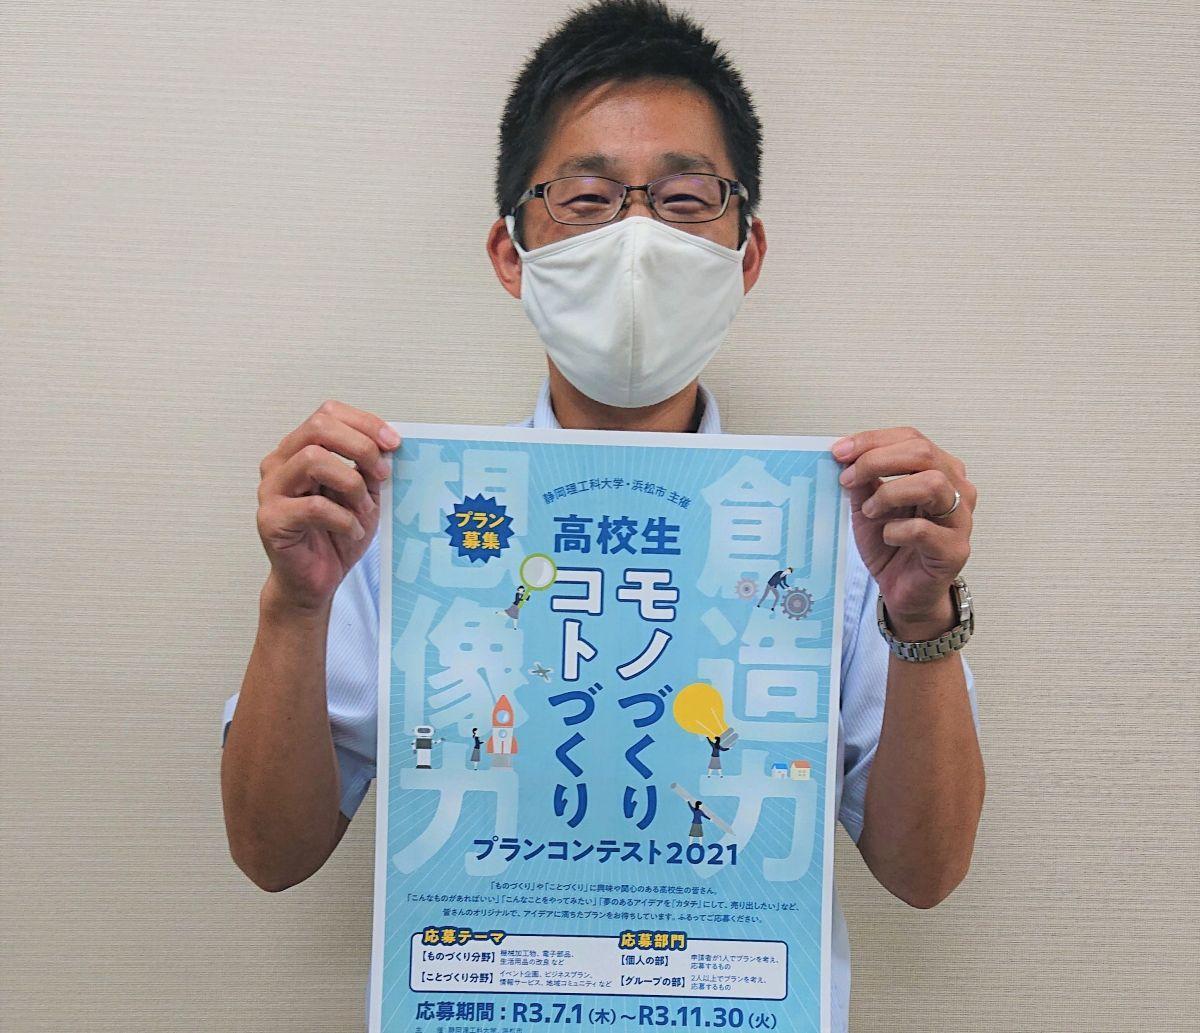 多くの応募を期待する、静岡理工科大学の池田達哉さん